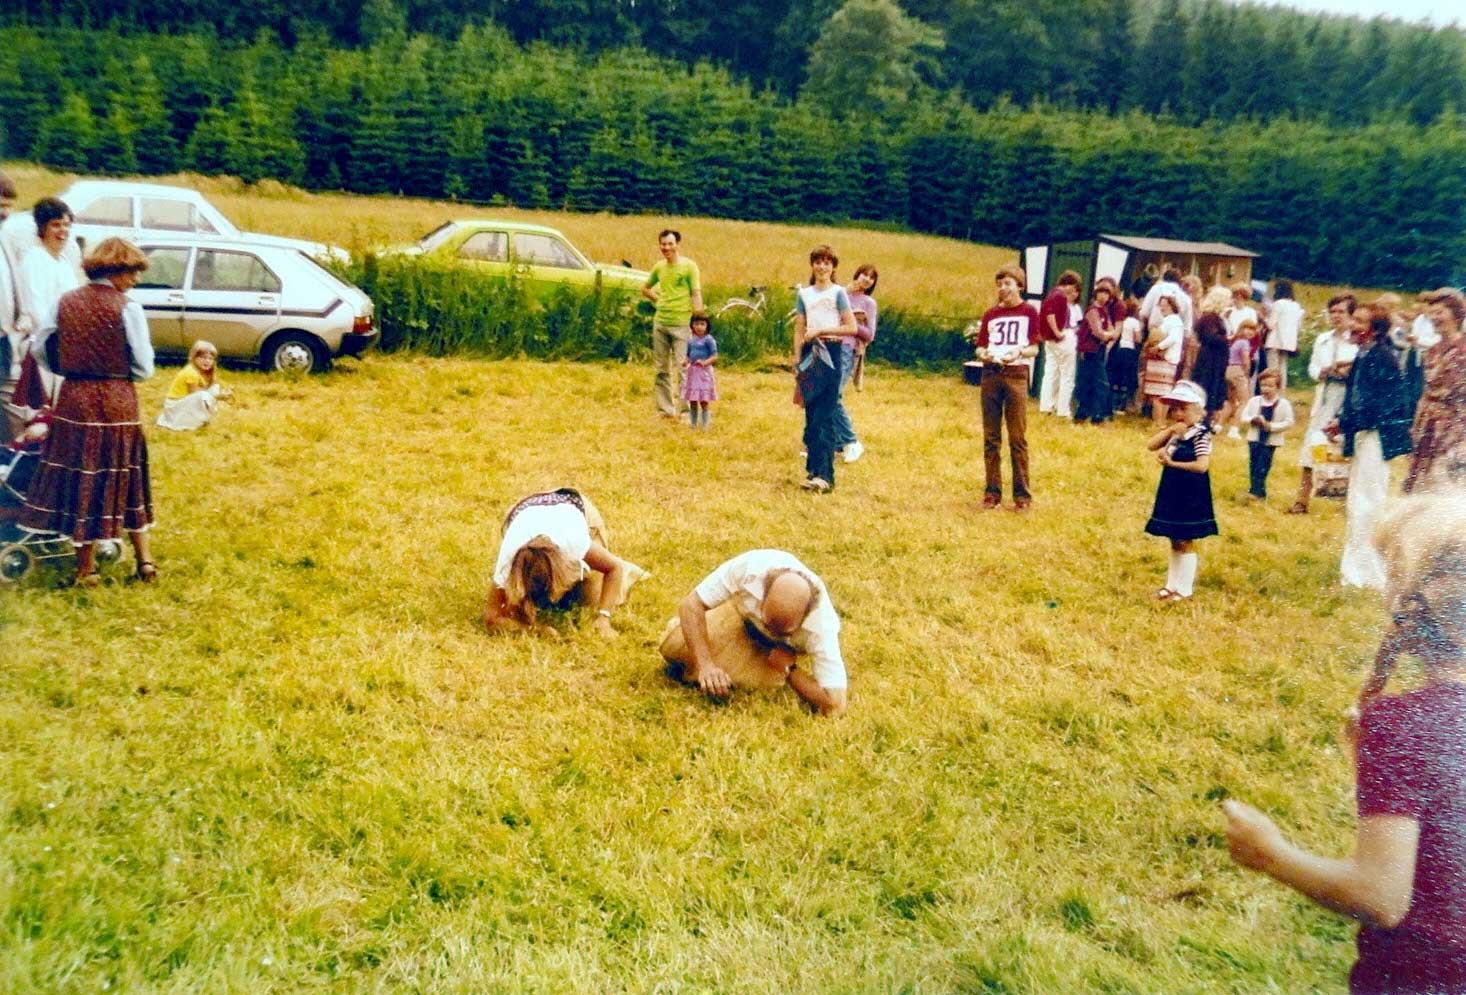 """Das Waldfest am Erlenbruch – Großer Beliebtheit erfreute sich lange Jahre das """"Waldfest"""" am Erlenbruch, welches dort bis 1987 jährlich von der Kolpingfamilie und dem Musikverein Sichtigvor ausgerichtet wurde. Besonderen Spaß bereitete es immer allen, wenn sich die """"Großen"""" bei den Spielen für die """"Kleinen"""", wie hier beim Sackhüpfen, einen Wettkampf lieferten. Nachdem man vom Erlenbruch umziehen musste, fand das Fest noch bis 2005 als """"Mühlenfest"""" im Mühlenpark statt."""